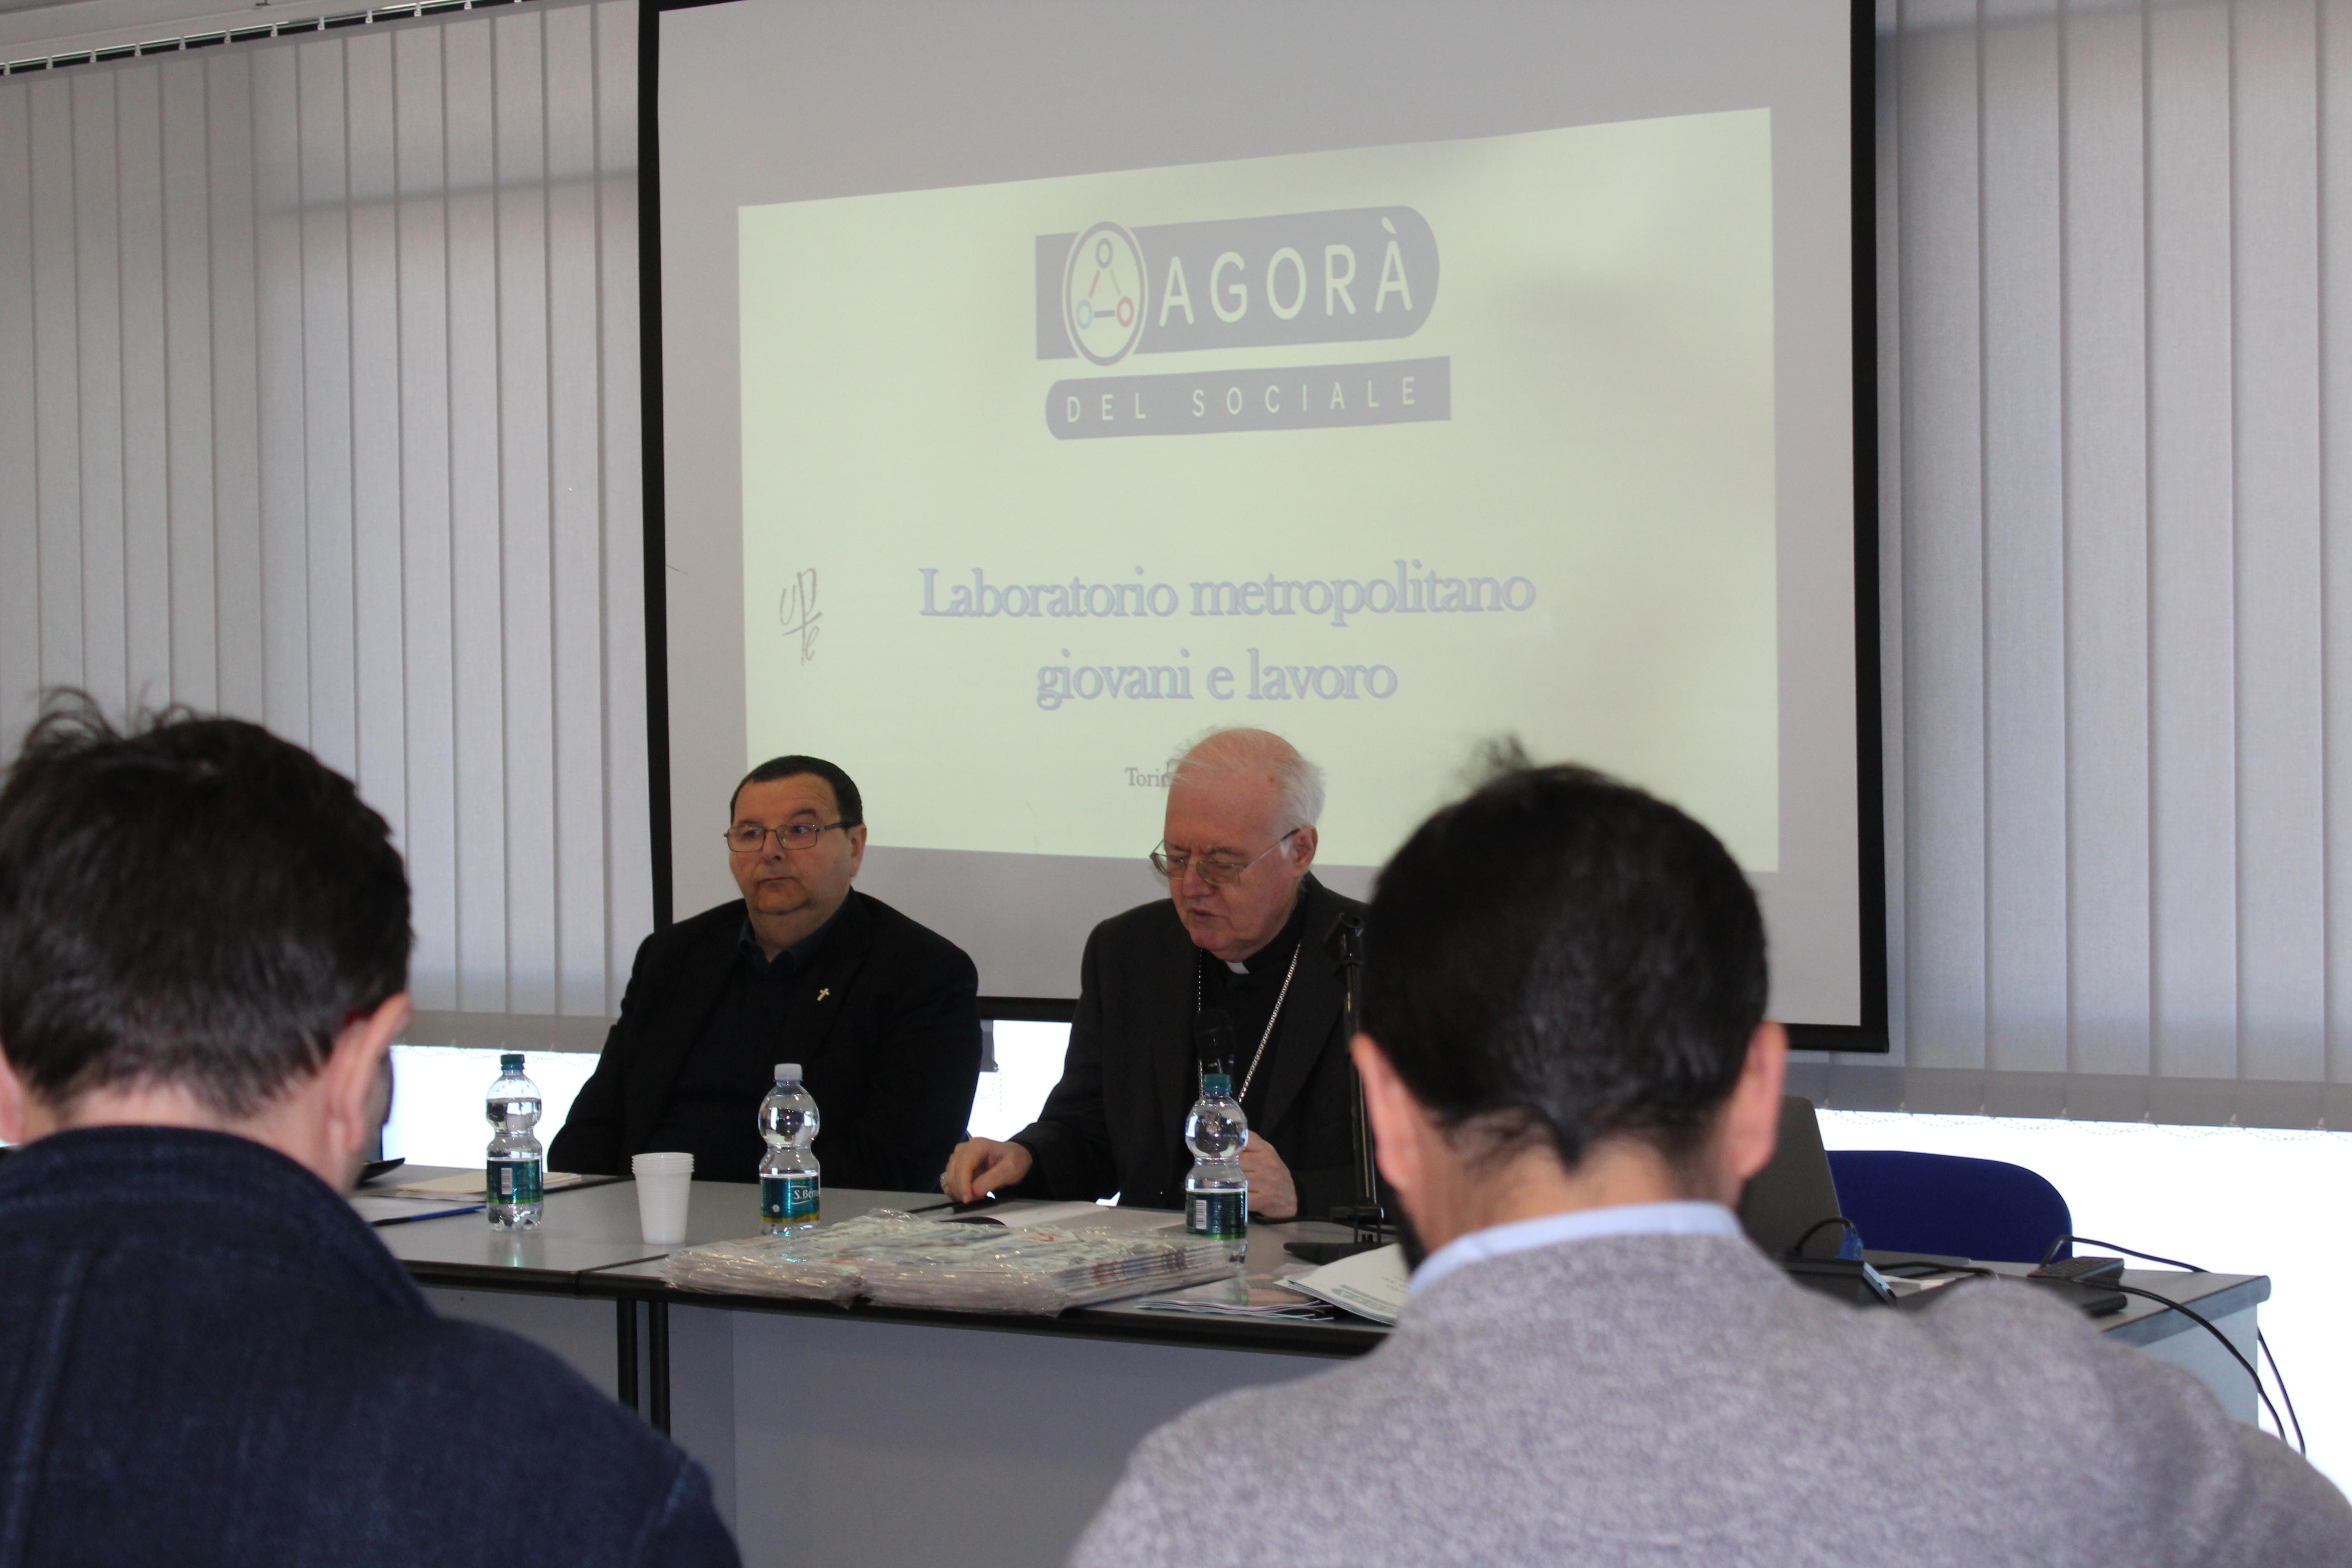 Ufficio Lavoro Torino : Ufficio scuola alternanza scuola lavoro tra mondo della scuola e